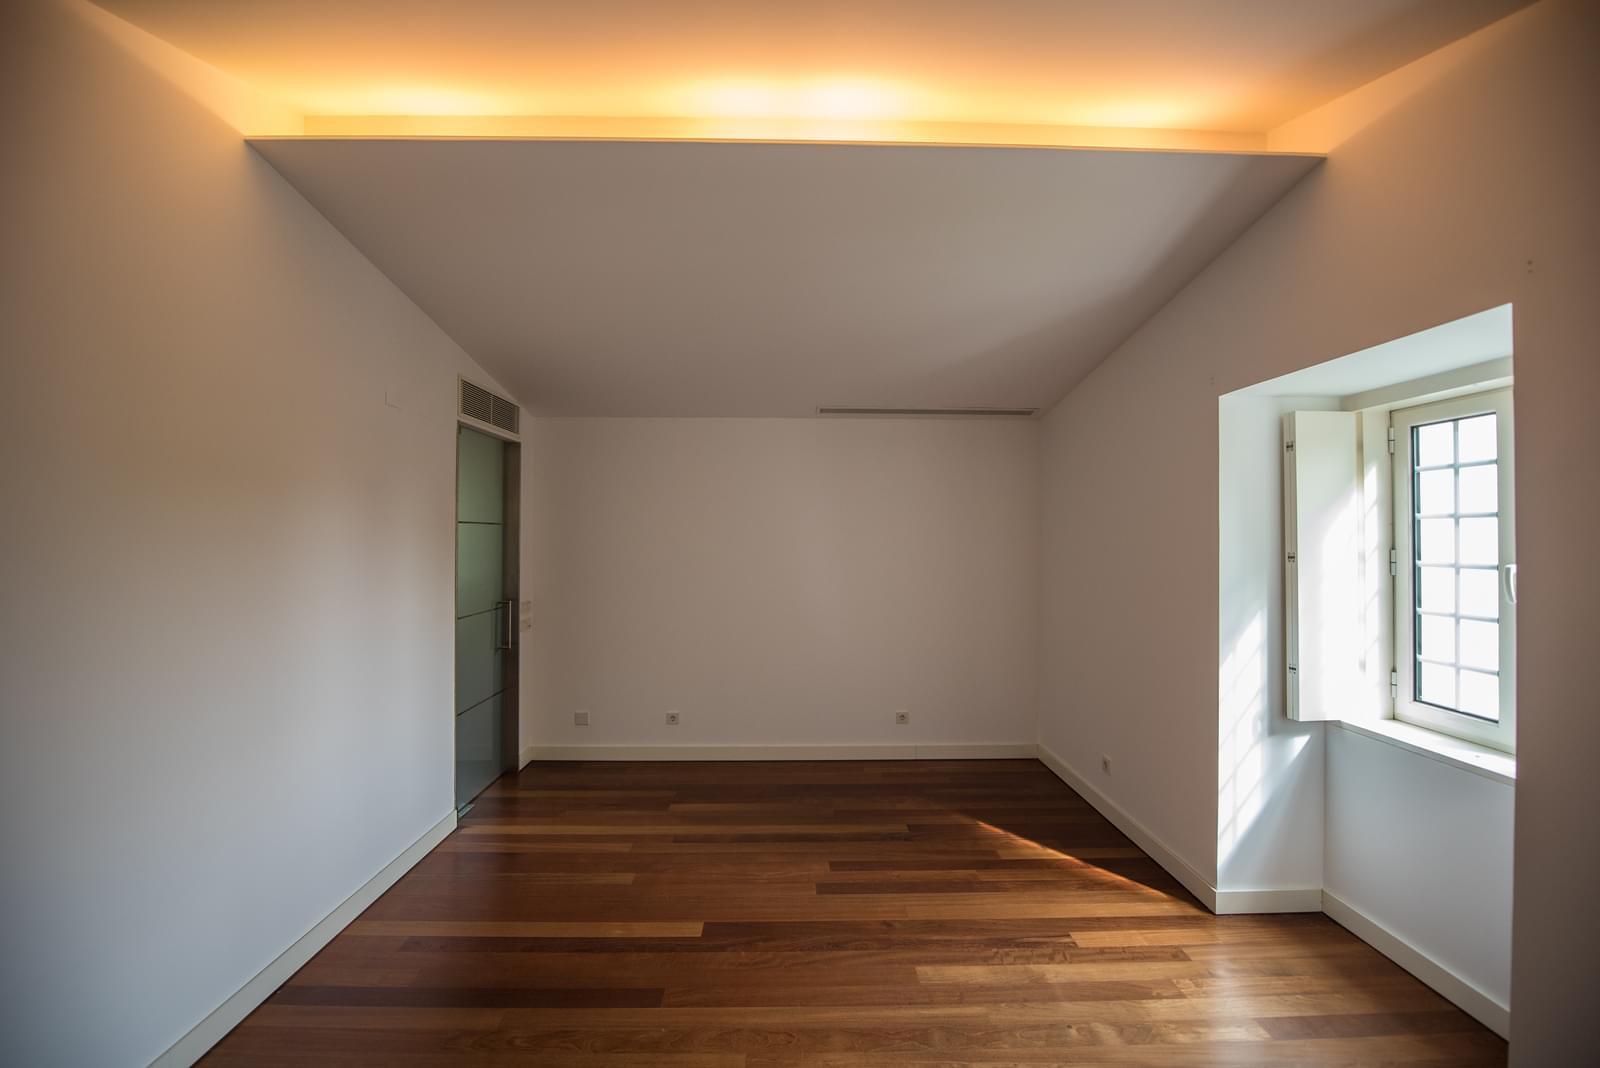 pf19211-apartamento-t4-lisboa-bd54f460-f8a7-4b22-9425-83ab2ddc0787